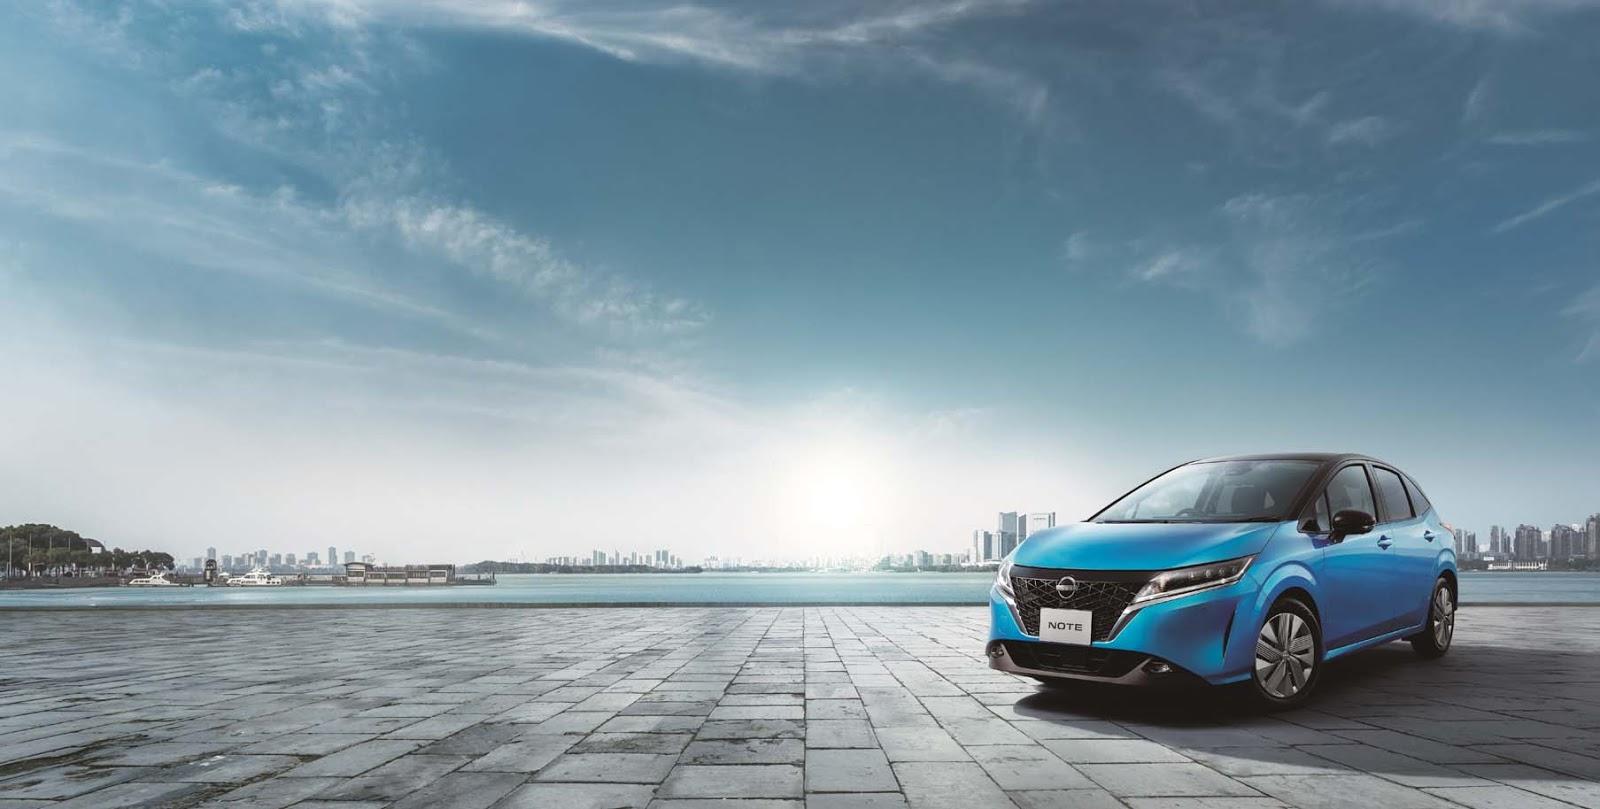 201124 01 006 Η Nissan λανσάρει το ολοκαίνουργιο NOTE στην Ιαπωνία Electric cars, electric vehicles, EV, Nissan, Nissan Note, Note, ειδήσεις, καινούργιο, καινούρια, καινούριο